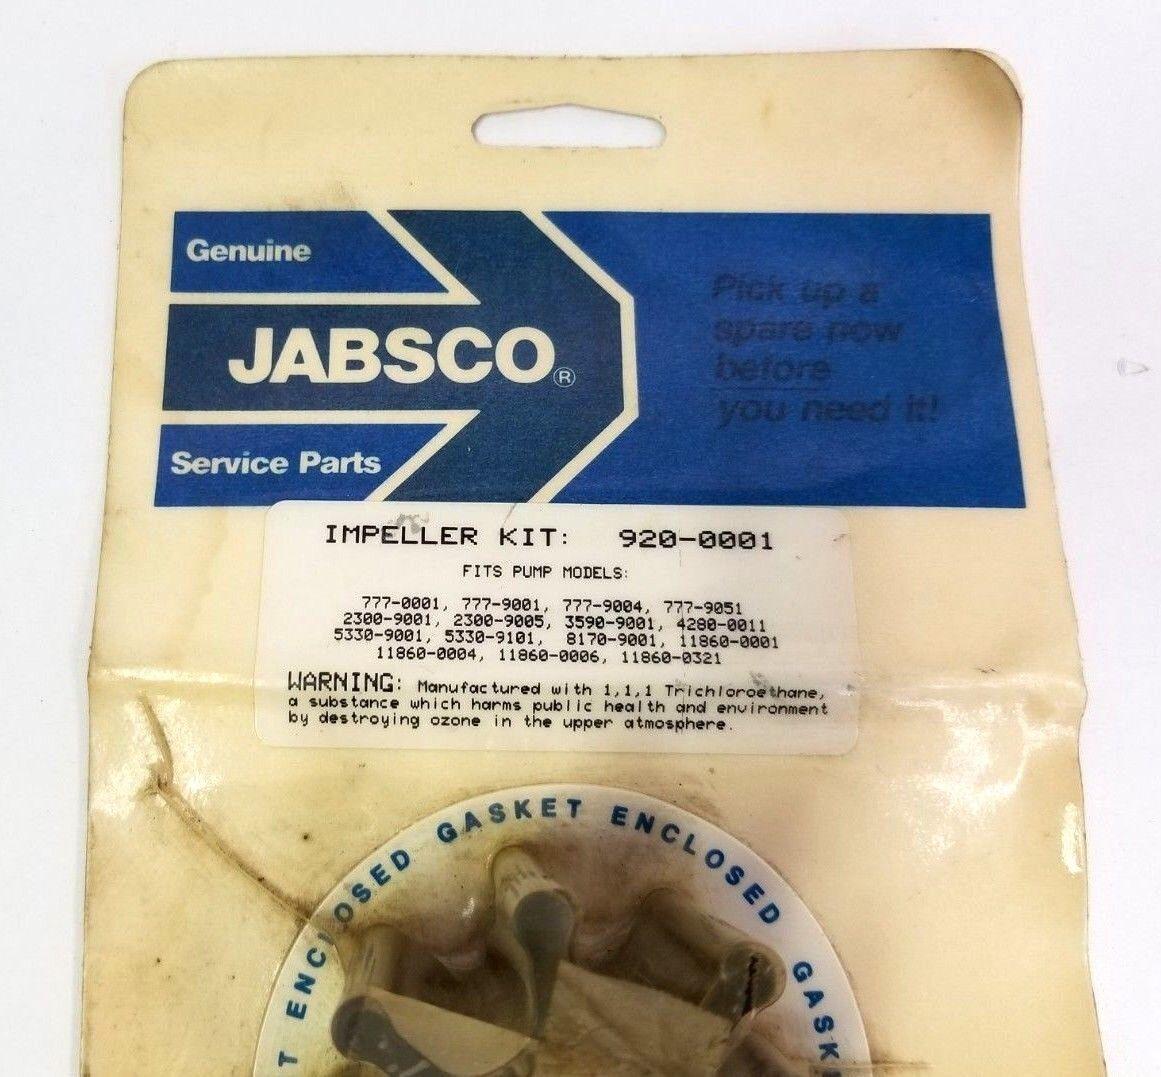 Jabsco 920-0001, Impeller Kit